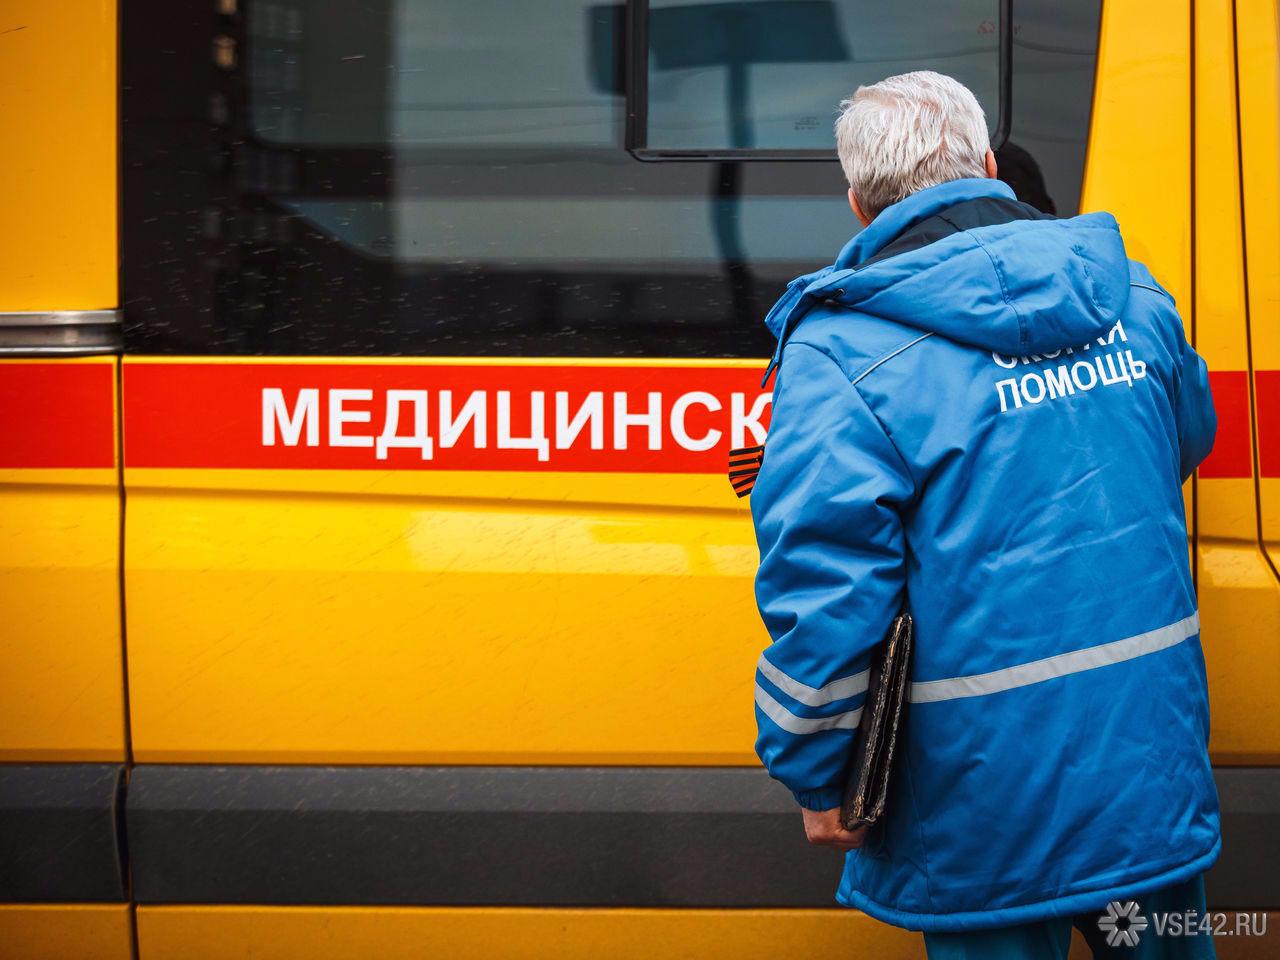 ВКузбассе шофёр ГАЗа насмерть сбил пешехода нанеосвещённой дороге